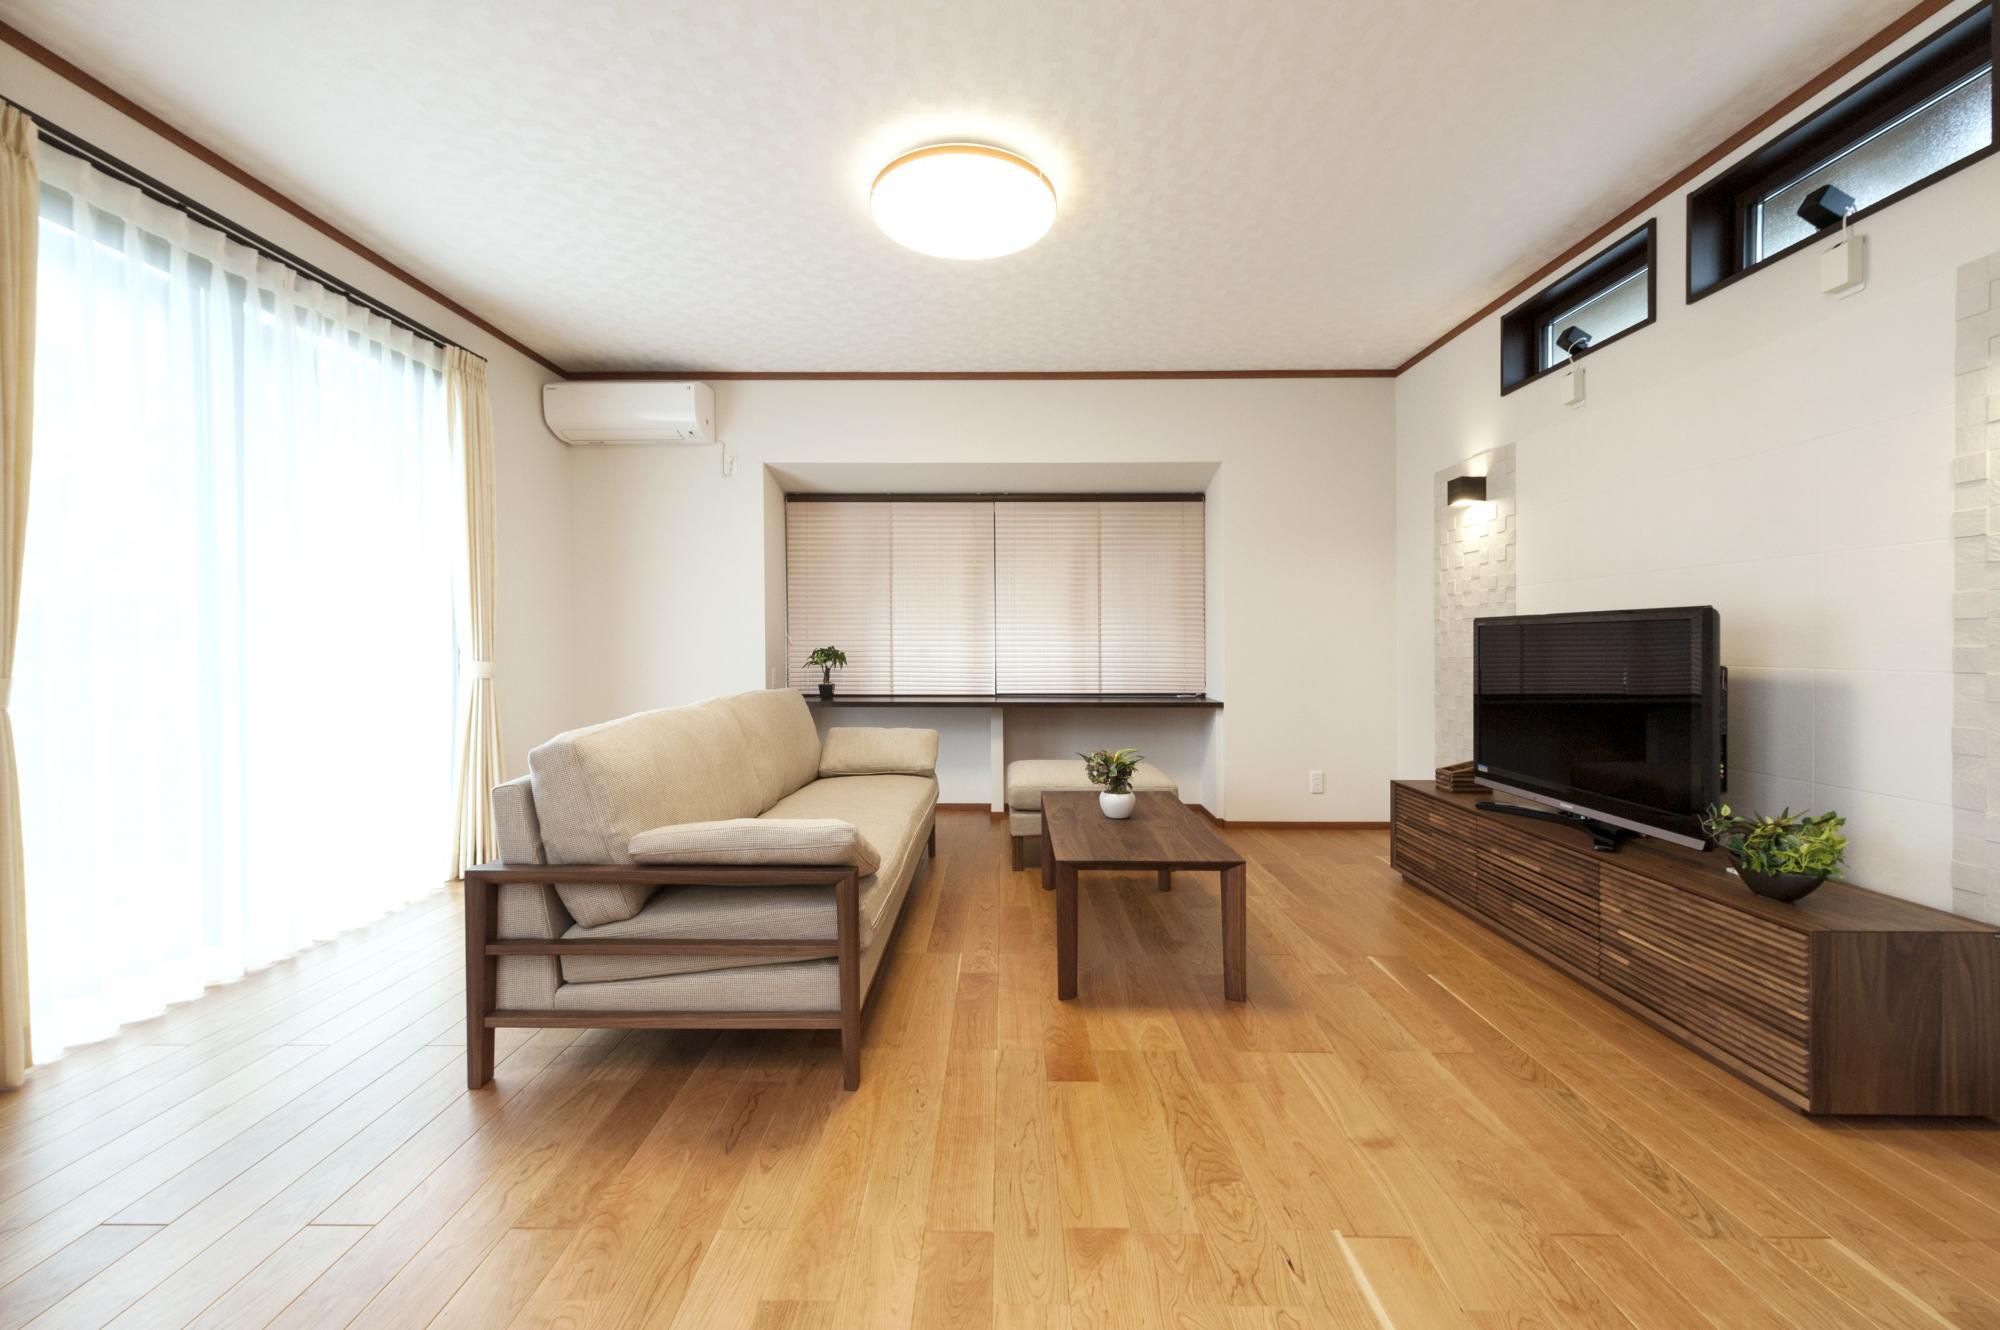 和室だった部分を広々としたリビングに変更。写真正面のカウンターデスクは造作し、開口部には桜色した和紙調のプリーツスクリーンを設置。 ソファやテーブルなどの家具は内装にあわせてモダンな印象になるようにセレクトした。